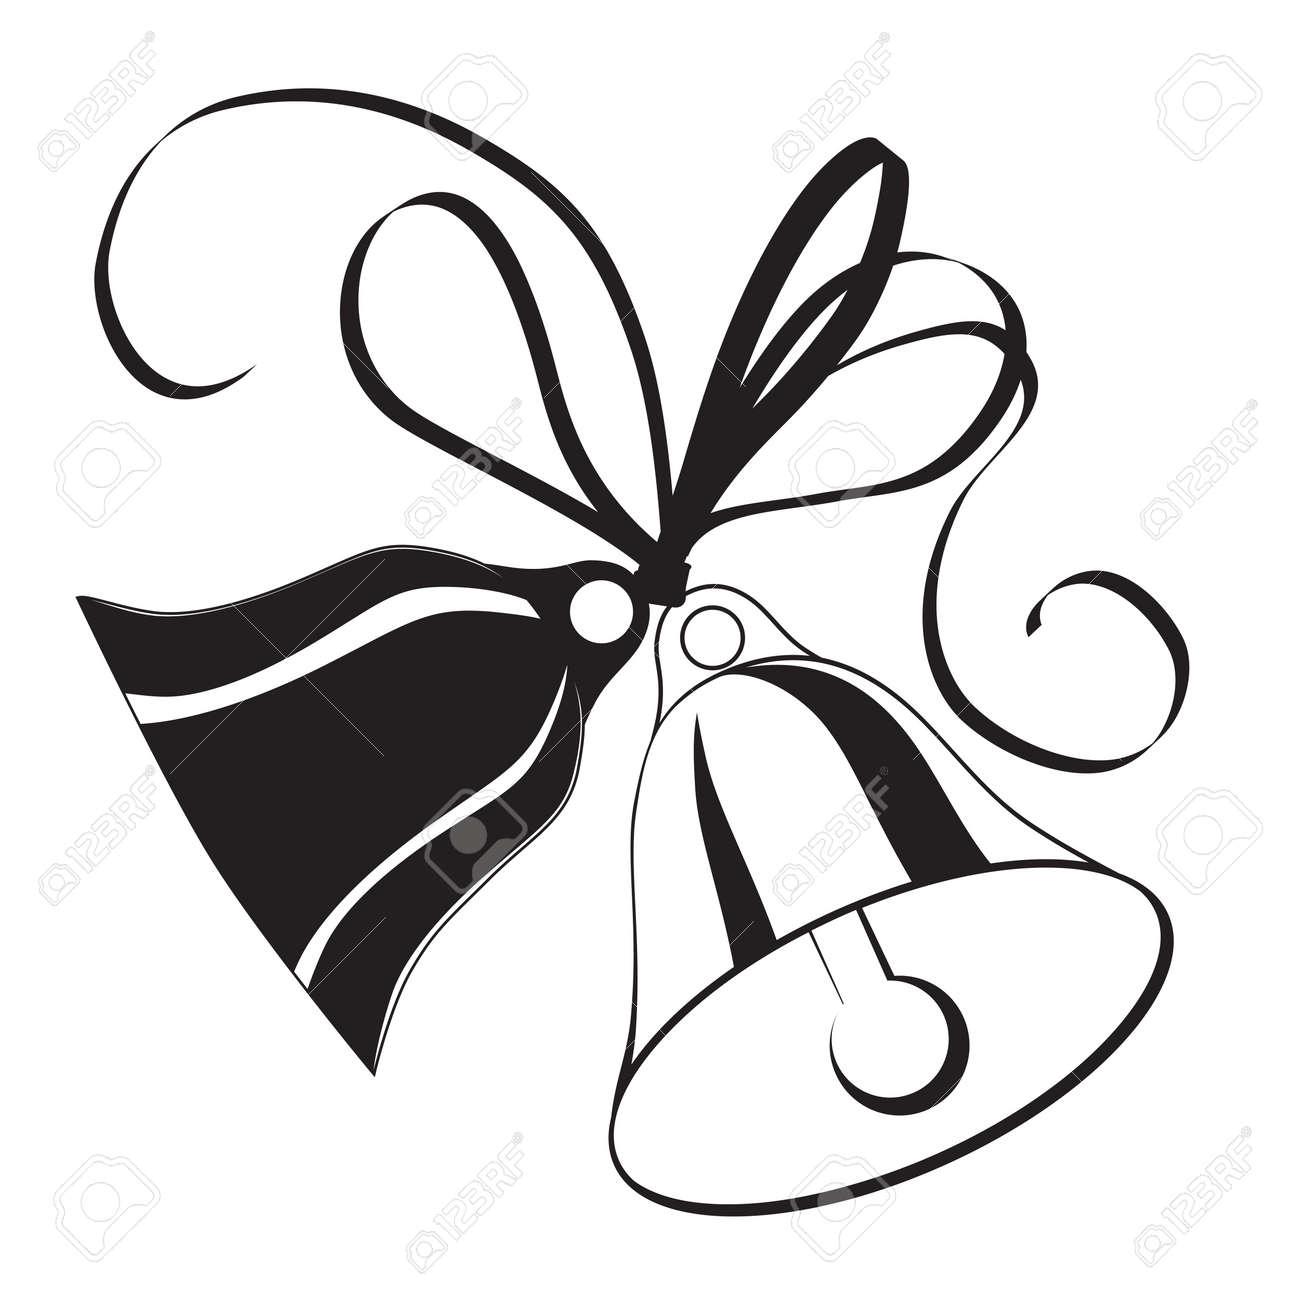 Bell-Skizze Für Weihnachten Oder Hochzeit Mit Symbol, Element Für ...